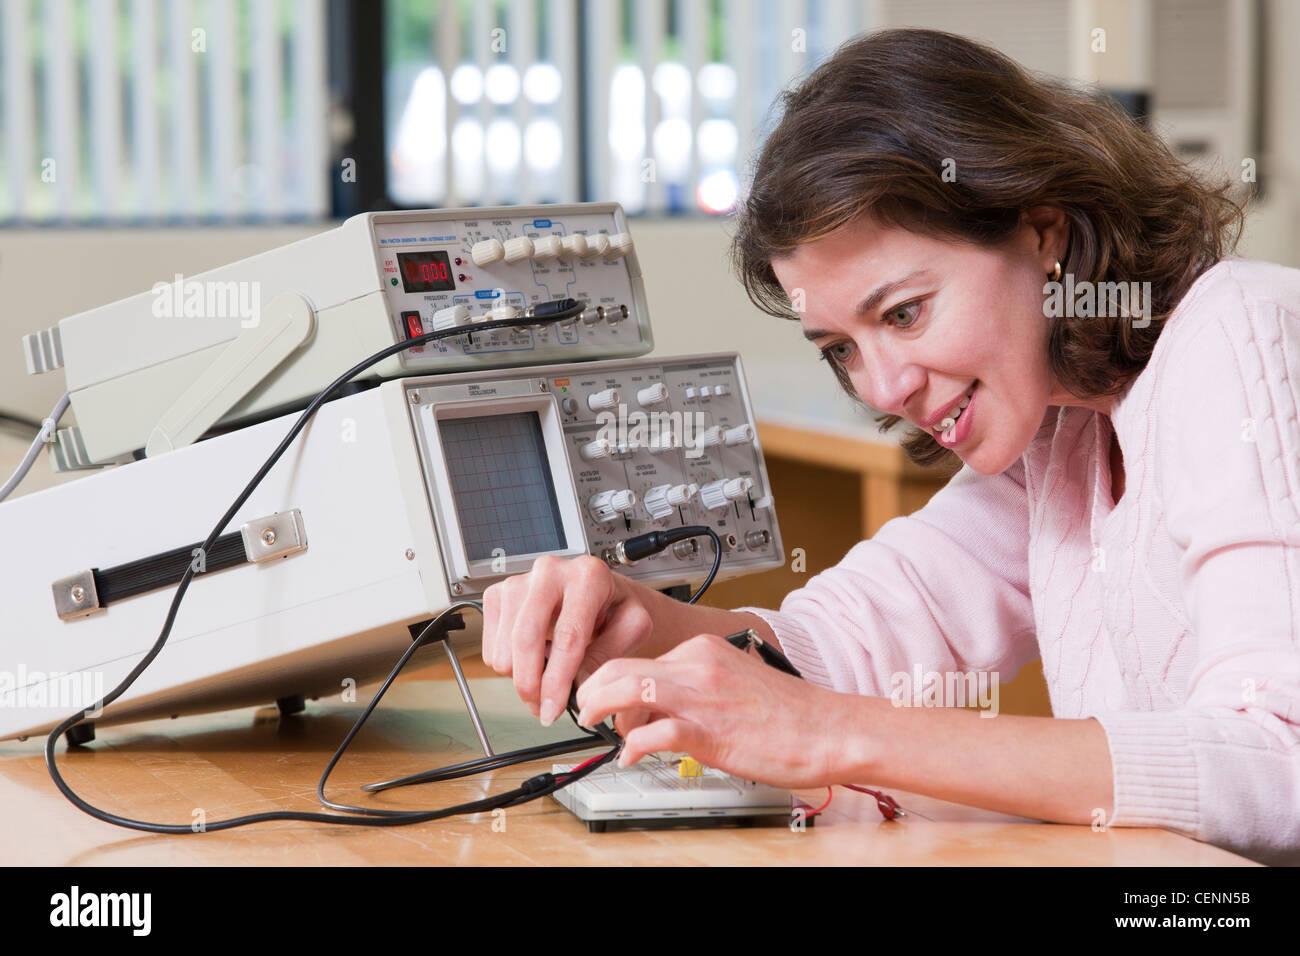 Estudiante de Ingeniería de hacer las conexiones en el circuito breadboard para el experimento de laboratorio Imagen De Stock